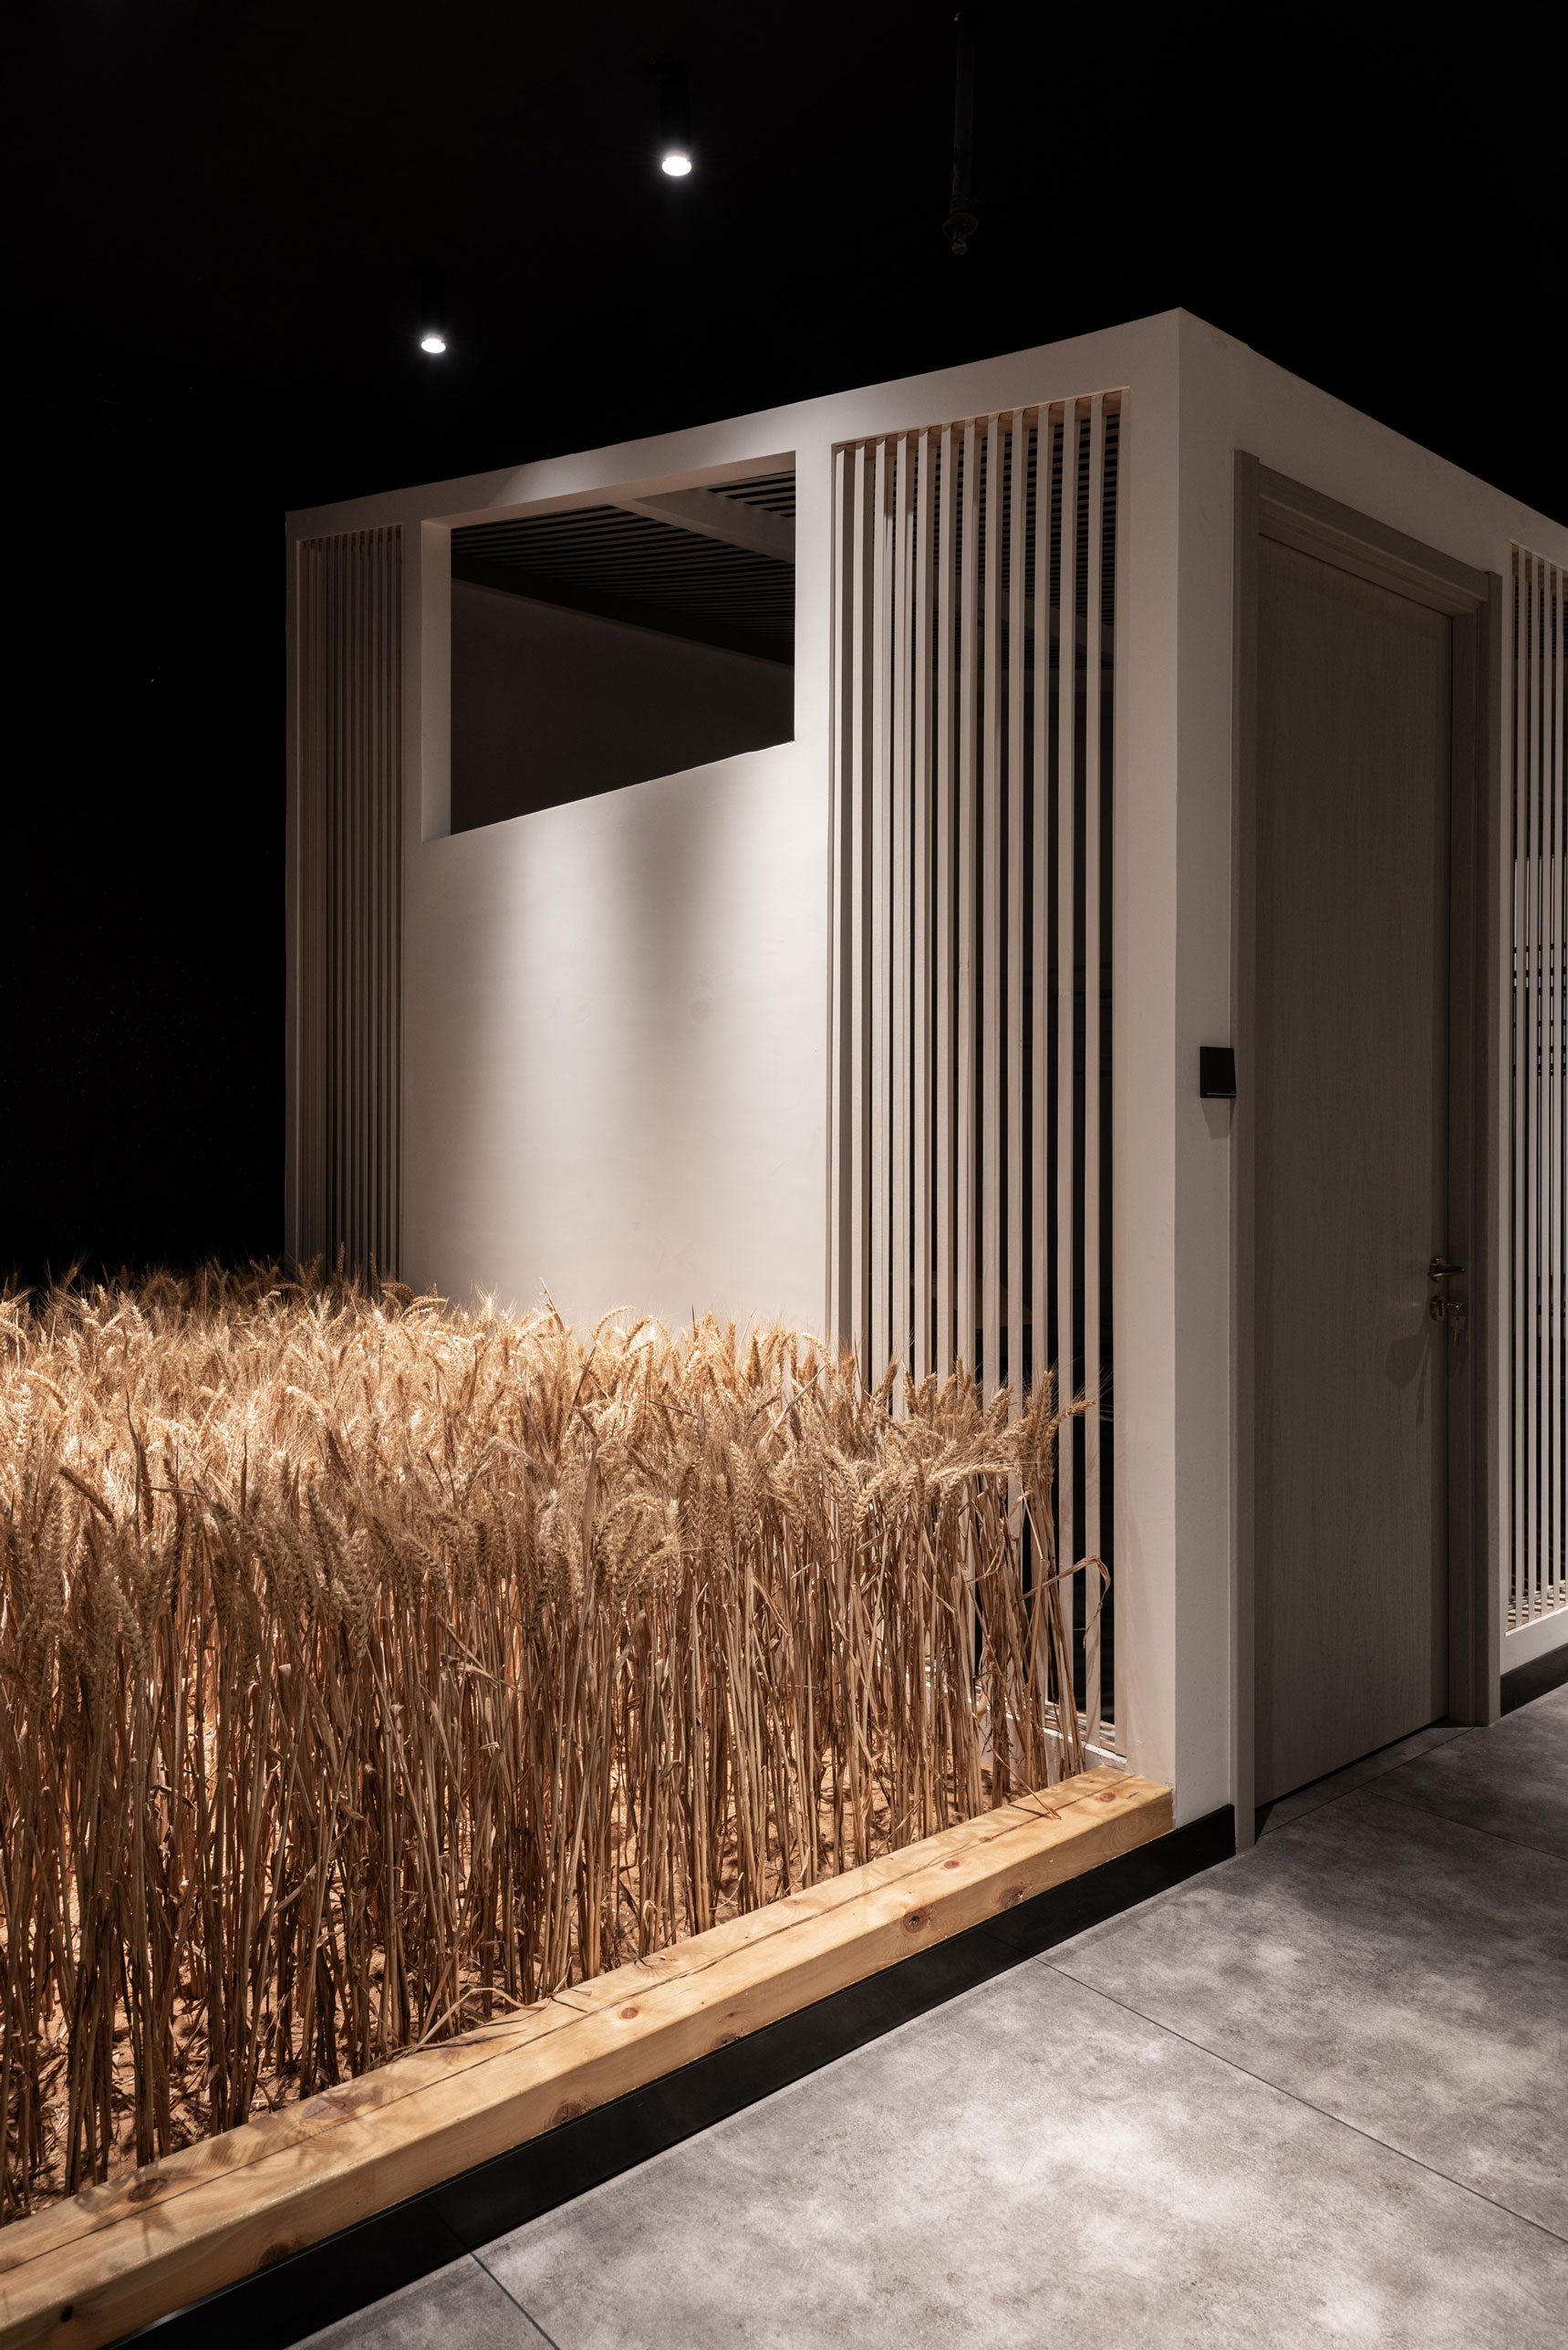 希望的田野 · 寰盟东南亚设计中心办公空间丨长空创作